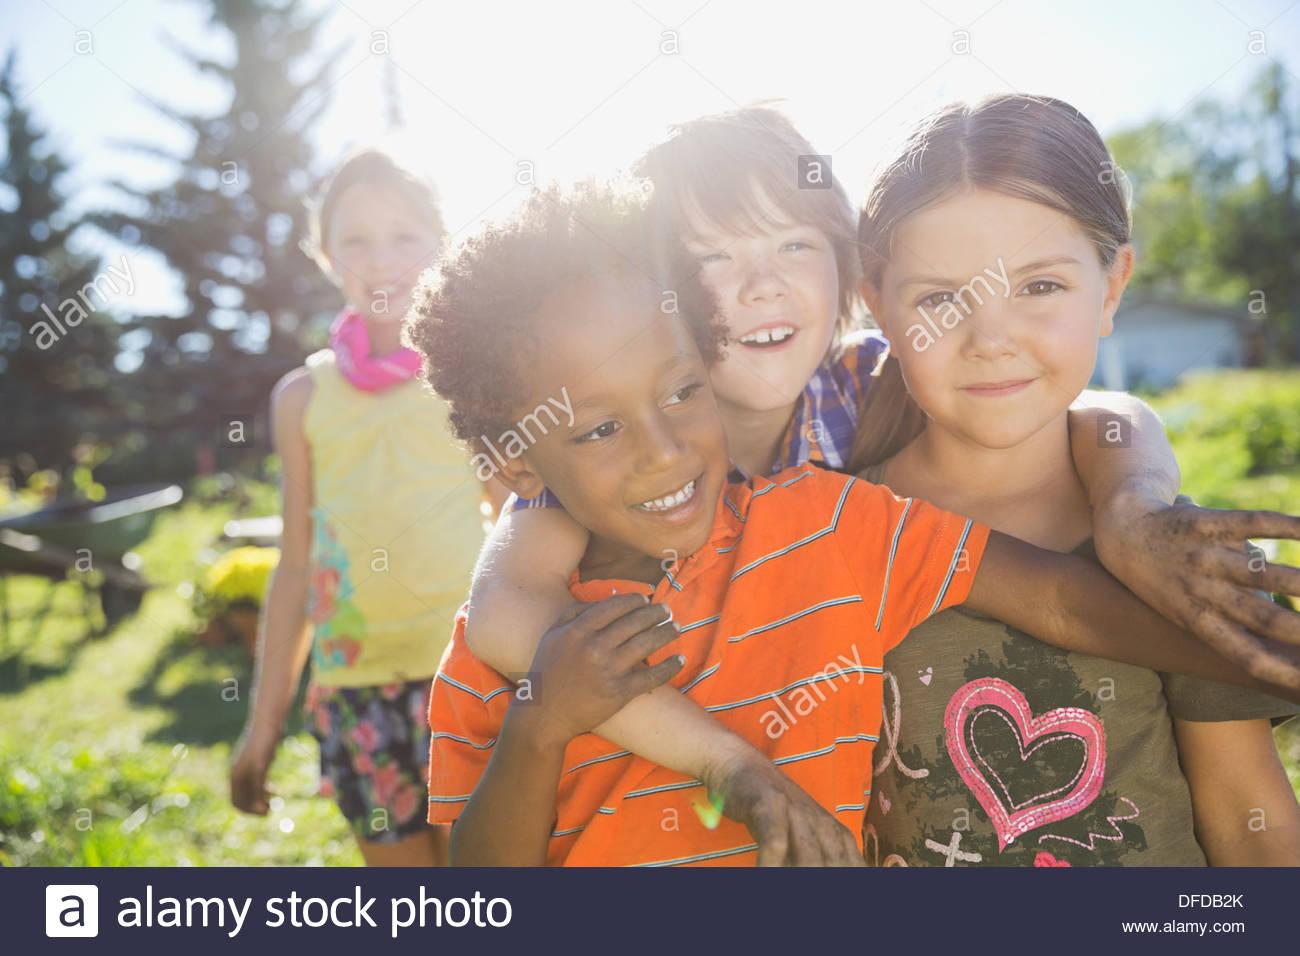 Los niños juguetones en jardín comunitario Imagen De Stock